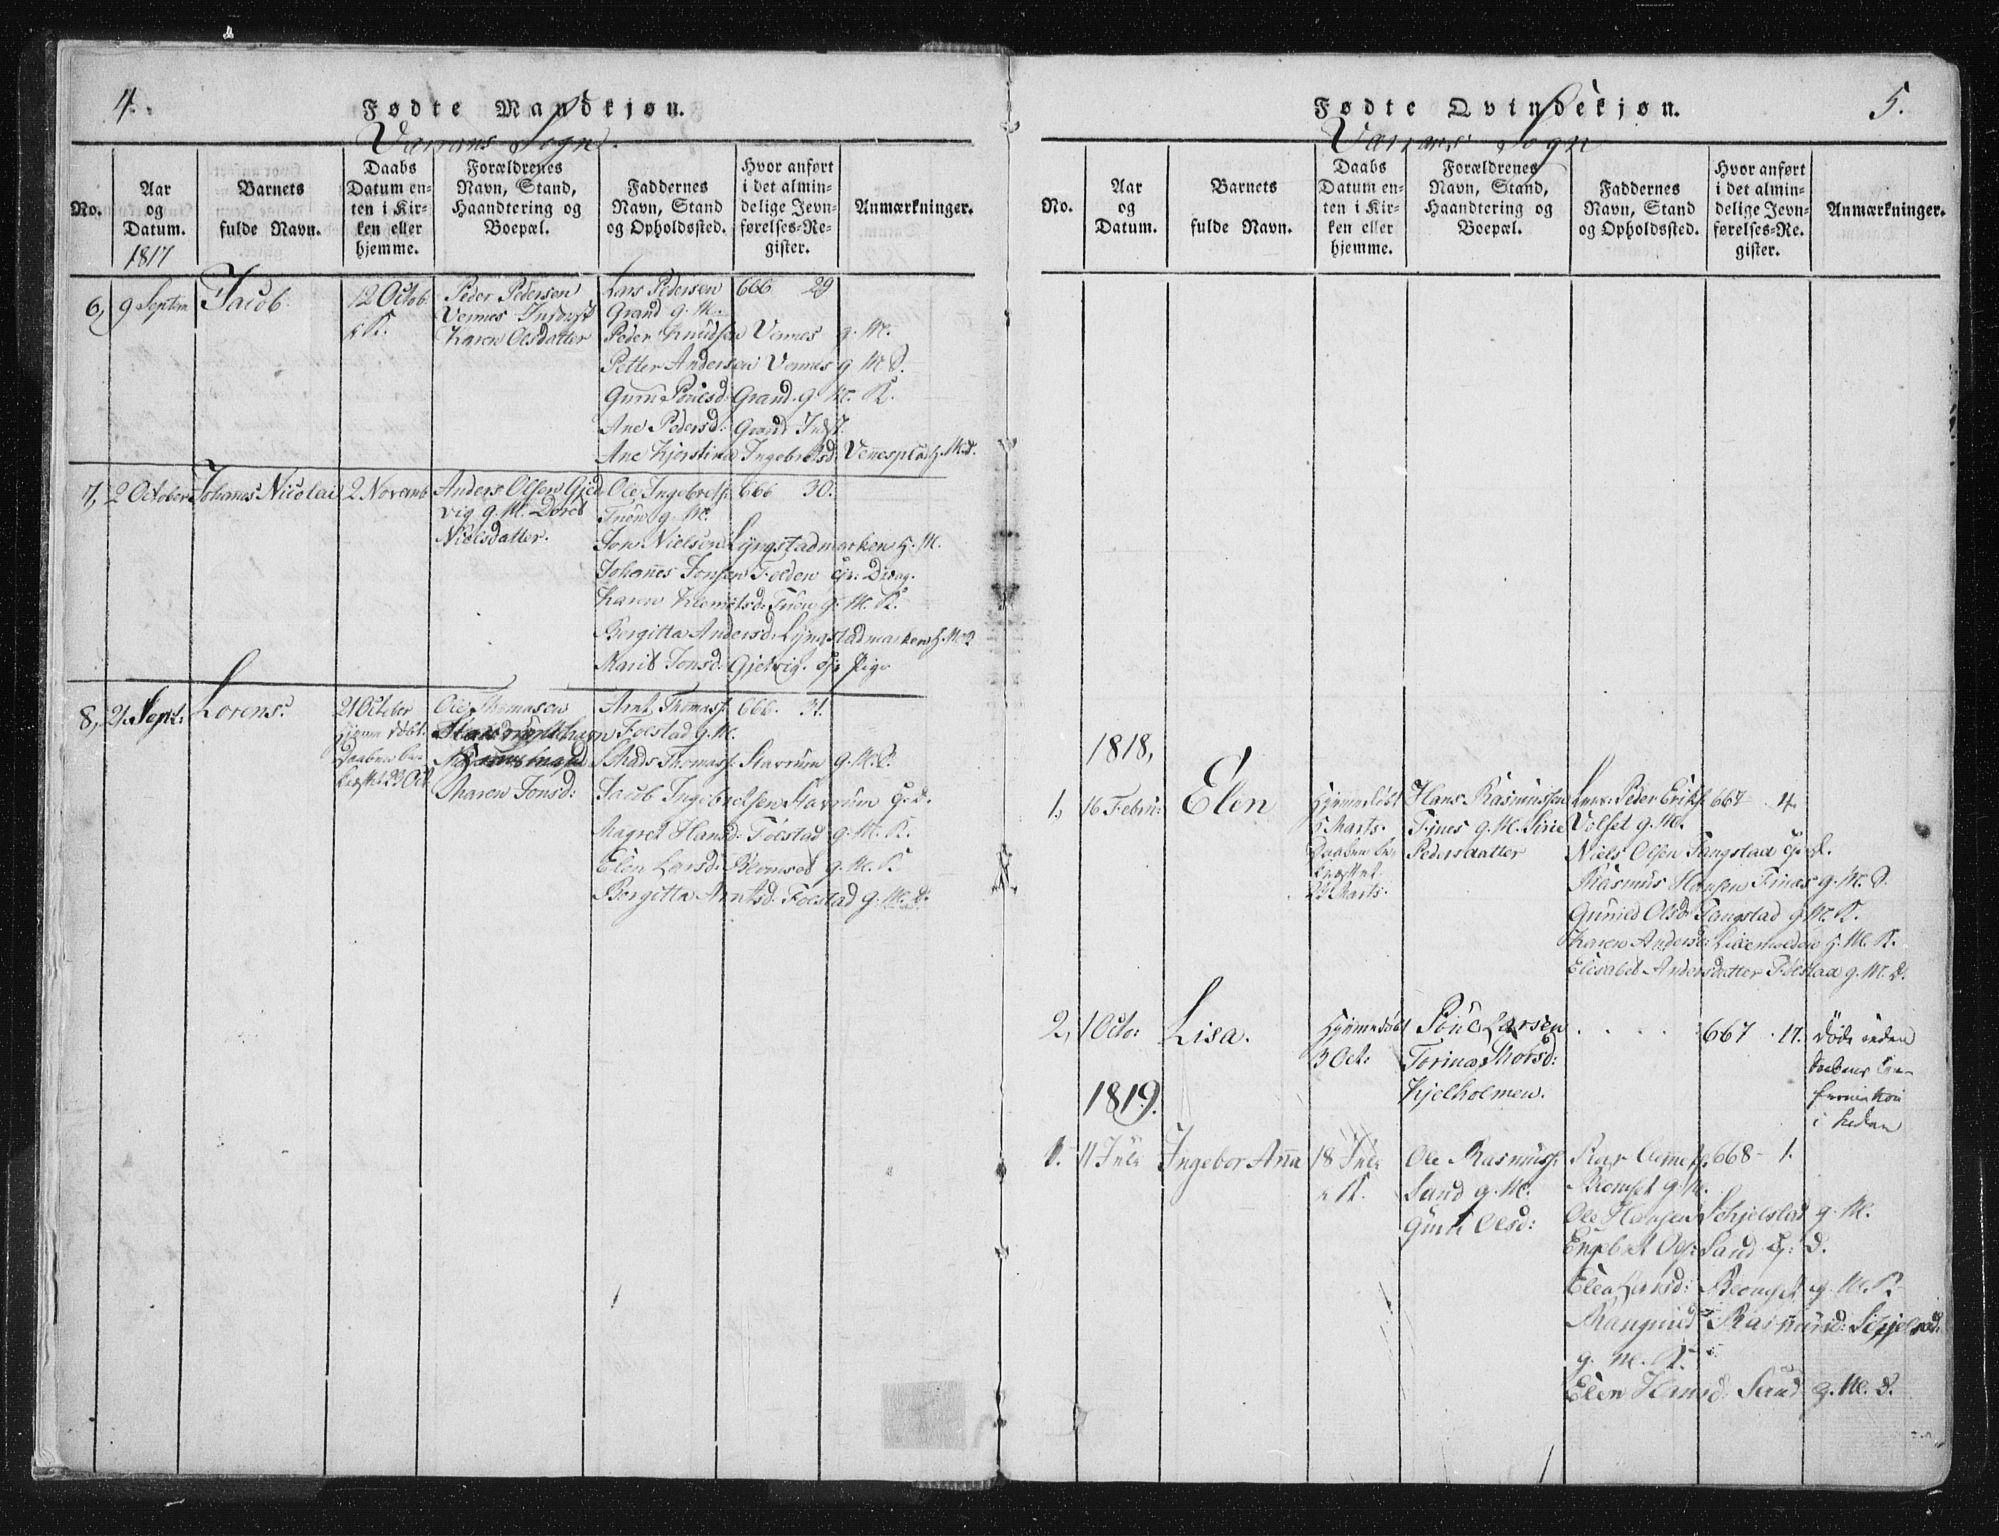 SAT, Ministerialprotokoller, klokkerbøker og fødselsregistre - Nord-Trøndelag, 744/L0417: Ministerialbok nr. 744A01, 1817-1842, s. 4-5